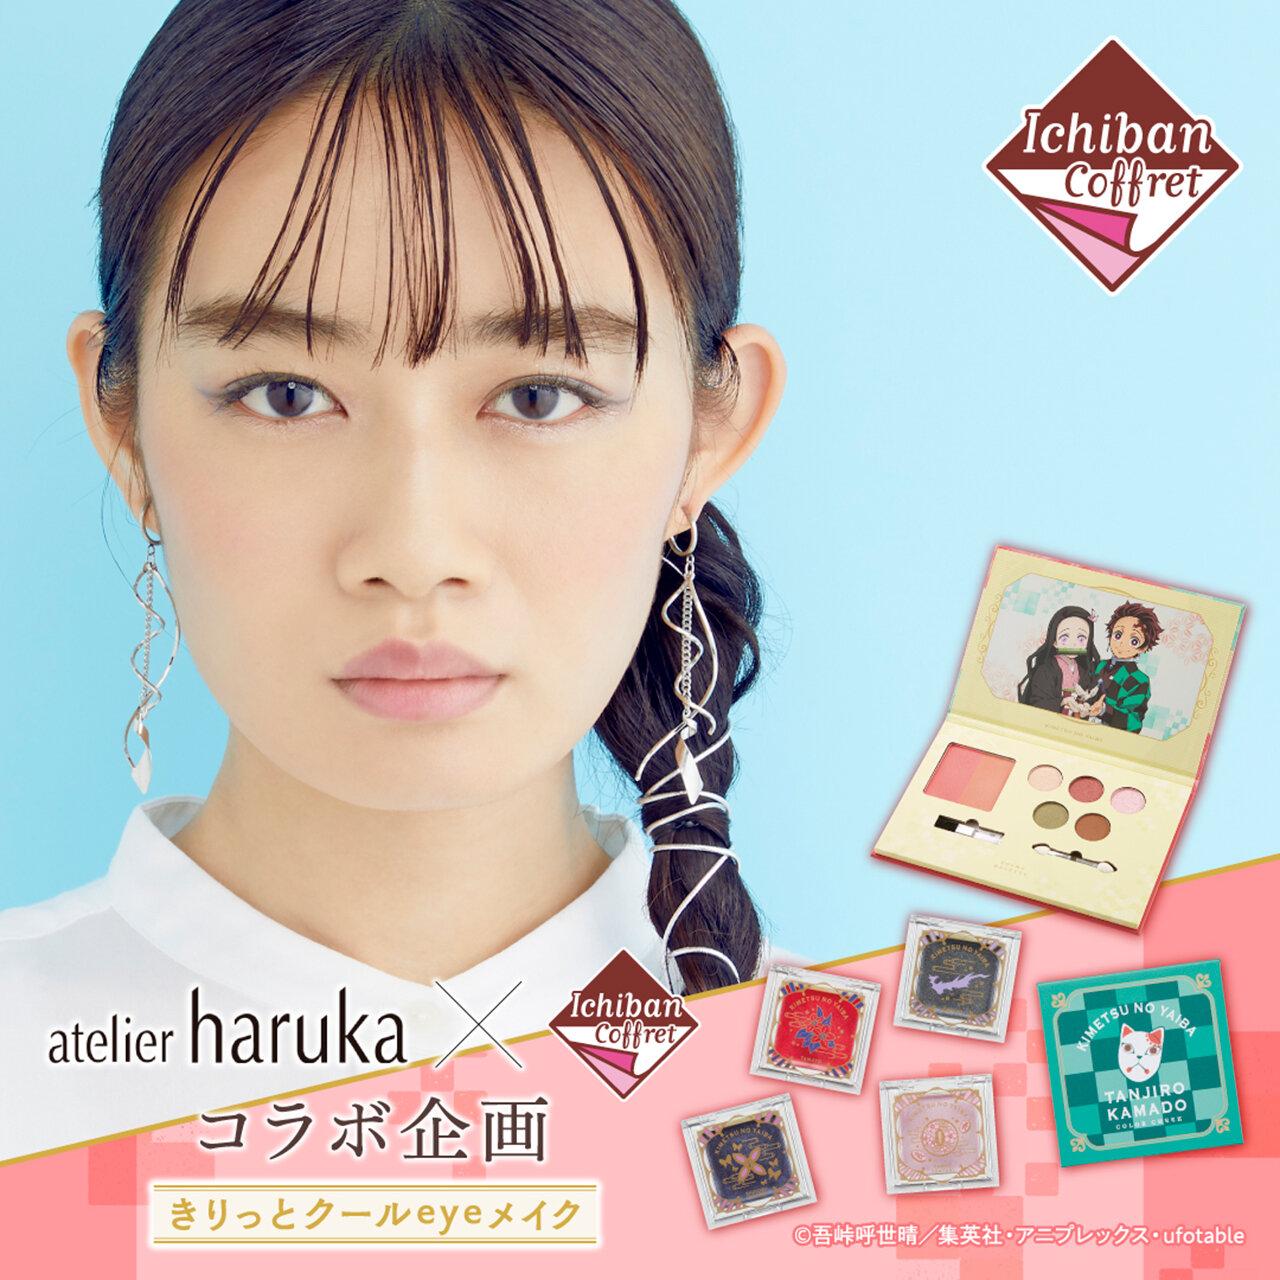 2020年冬 新作コスメ『一番コフレ 鬼滅の刃』atelier haruka(アトリエはるか) メイク方法